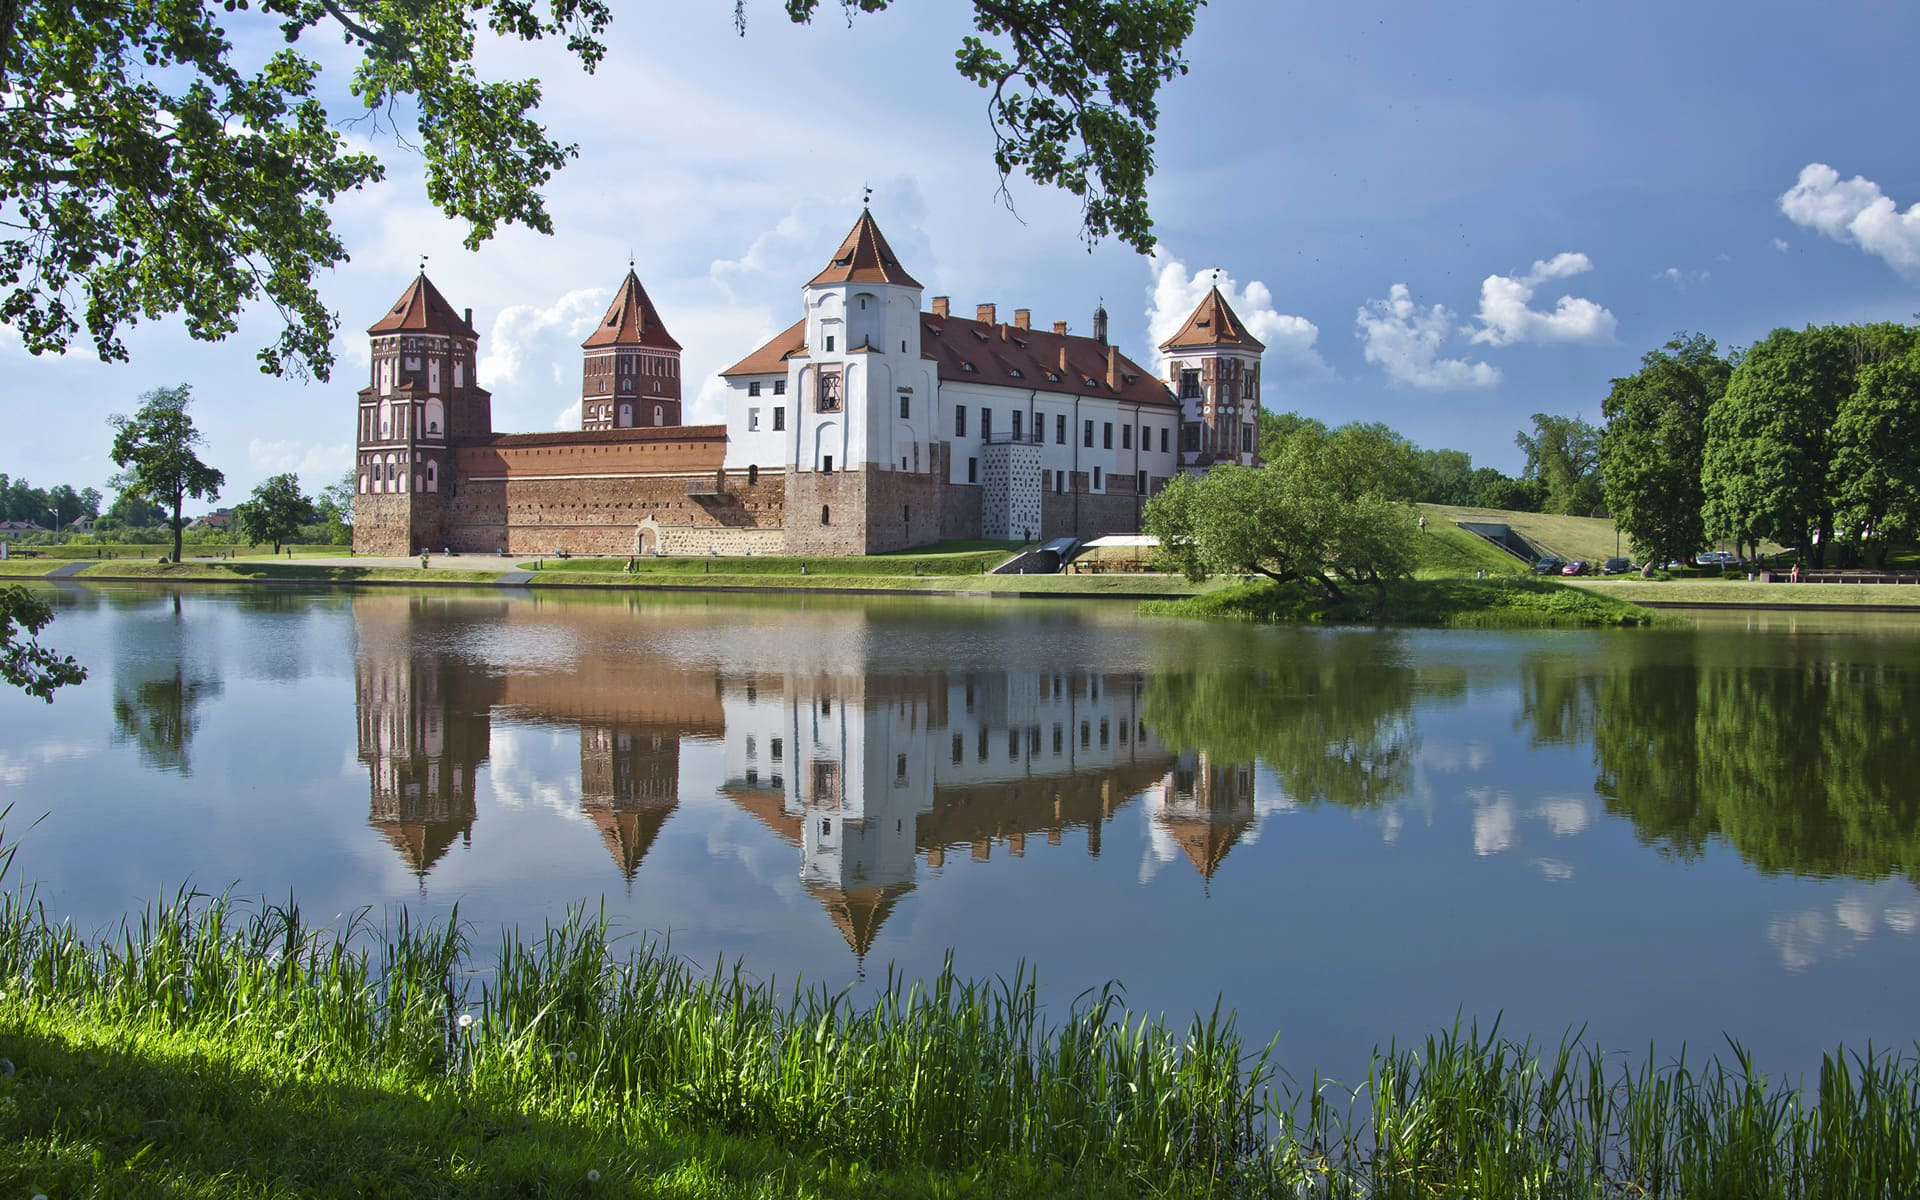 traducción jurada de bielorruso traducciones certificadas de bielorruso agencia de traducciones bielorruso traductor jurado bielorruso